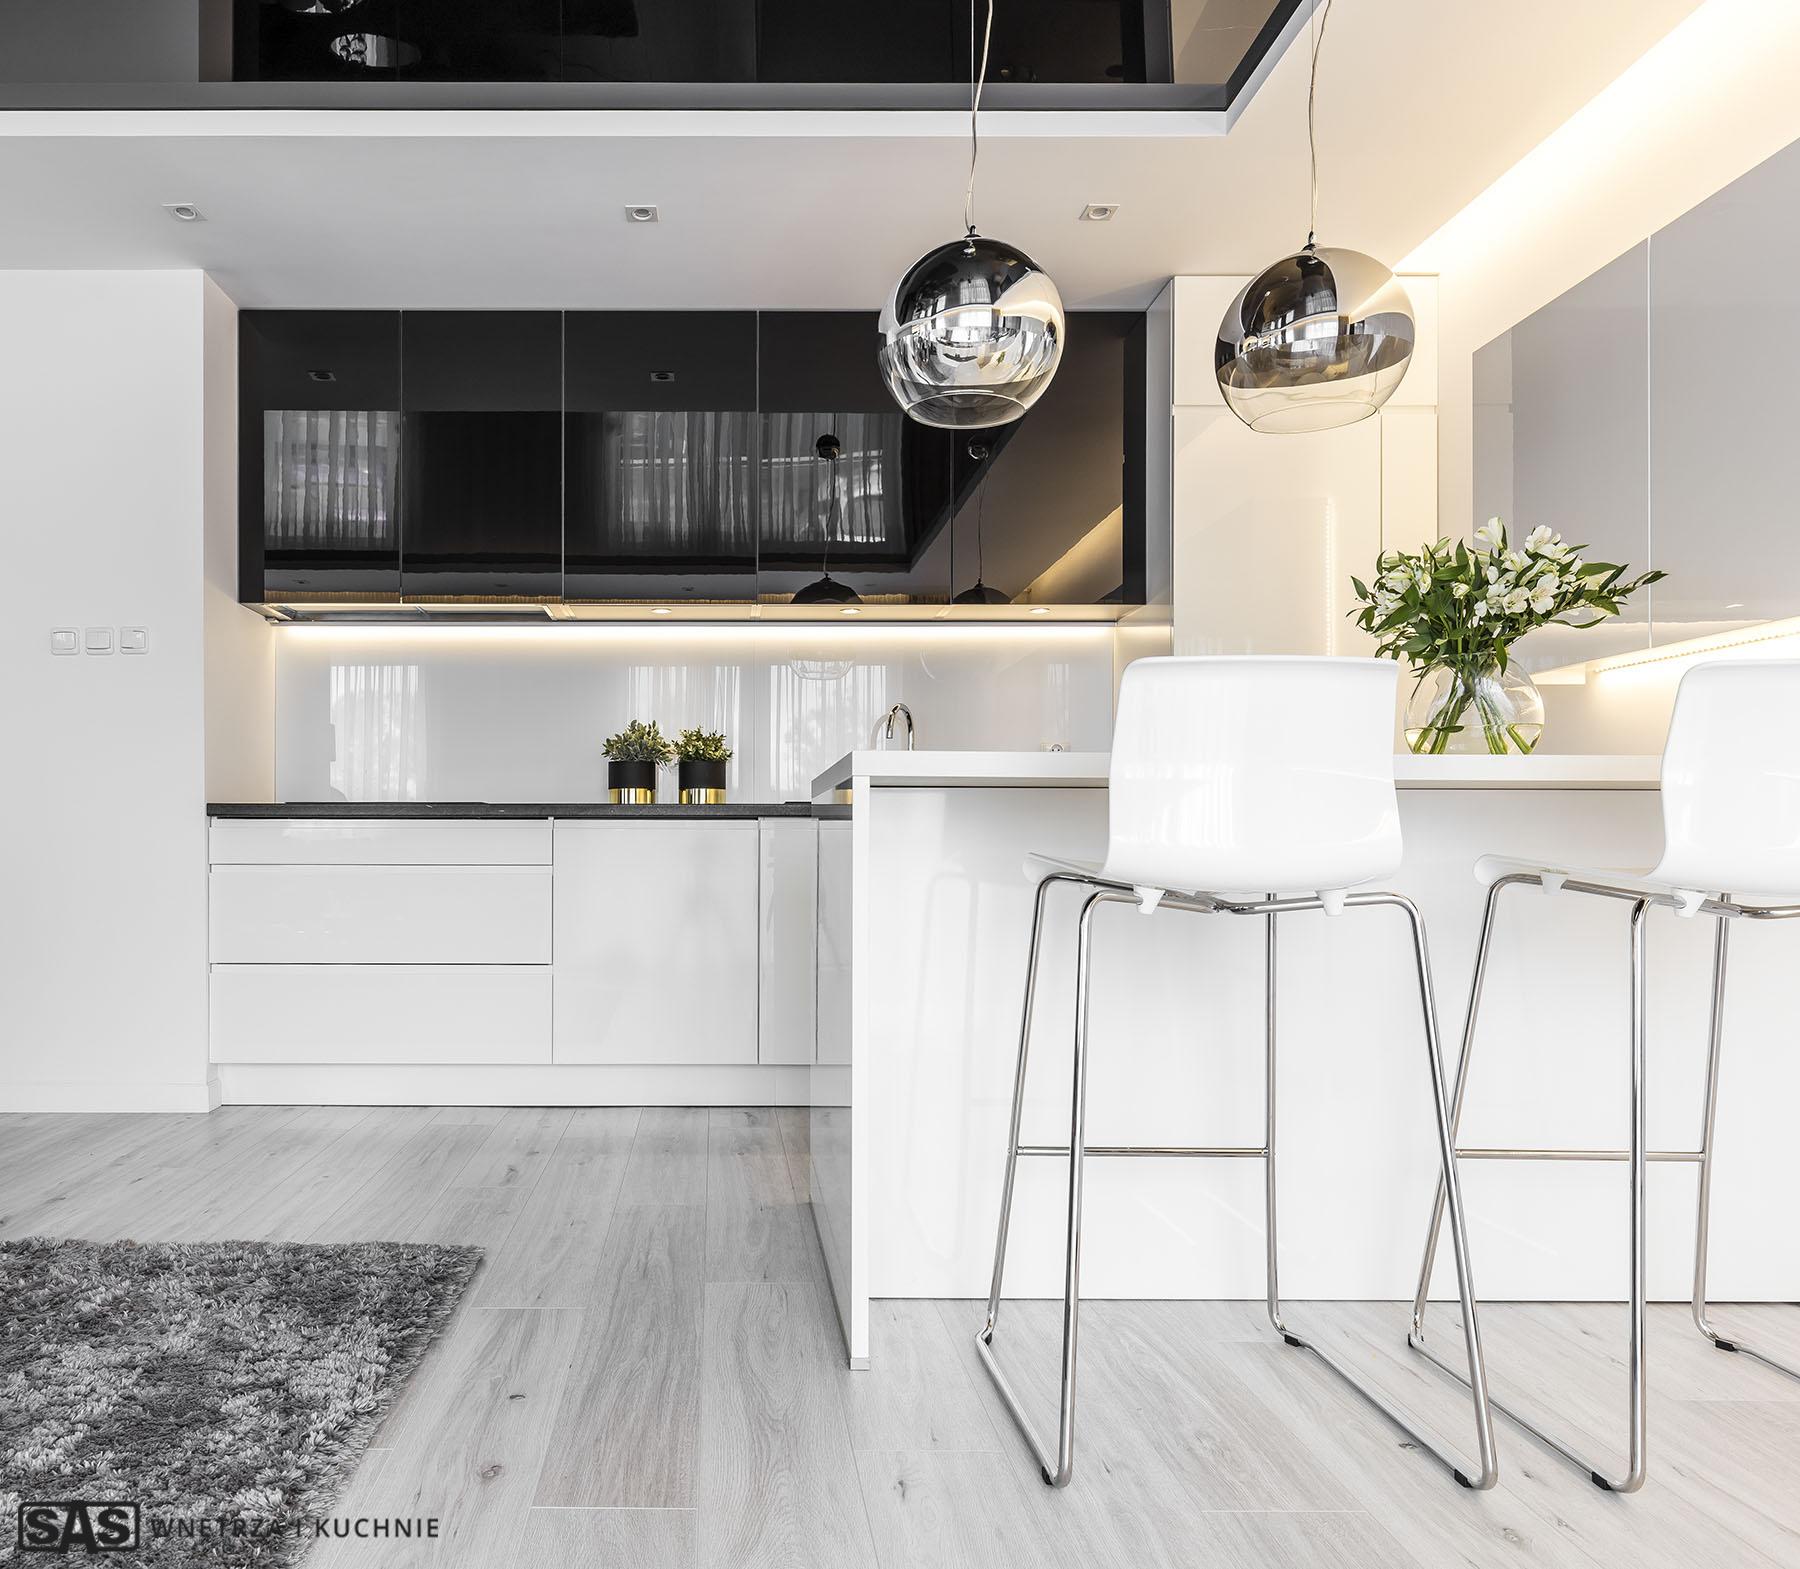 Meble kuchenne w wykonaniu firmy SAS Wnętrza i Kuchnie. Projekt architekt wnętrz Emilia Strzempek Plasun. Wyspa kkuchenna, hokery.